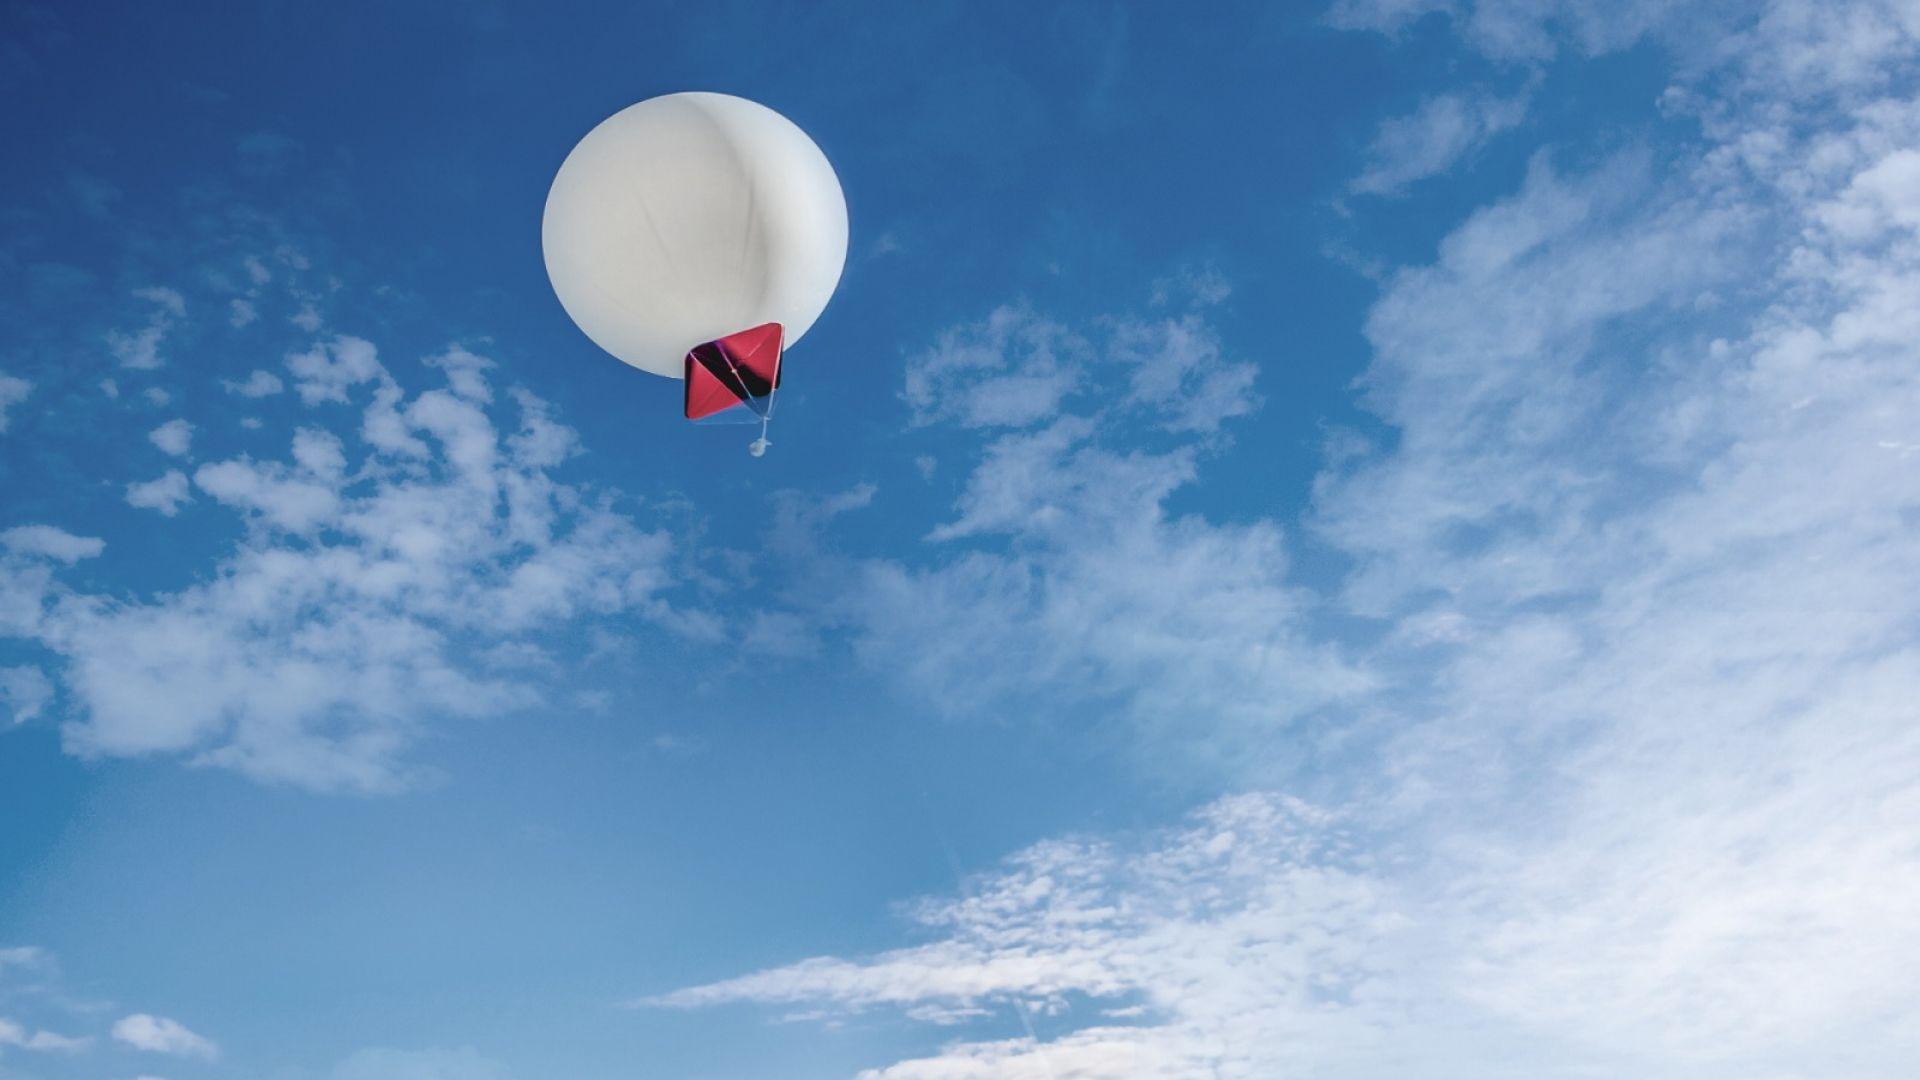 Стартъп планира да извлича атмосферен CO2 чрез балони с горещ въздух